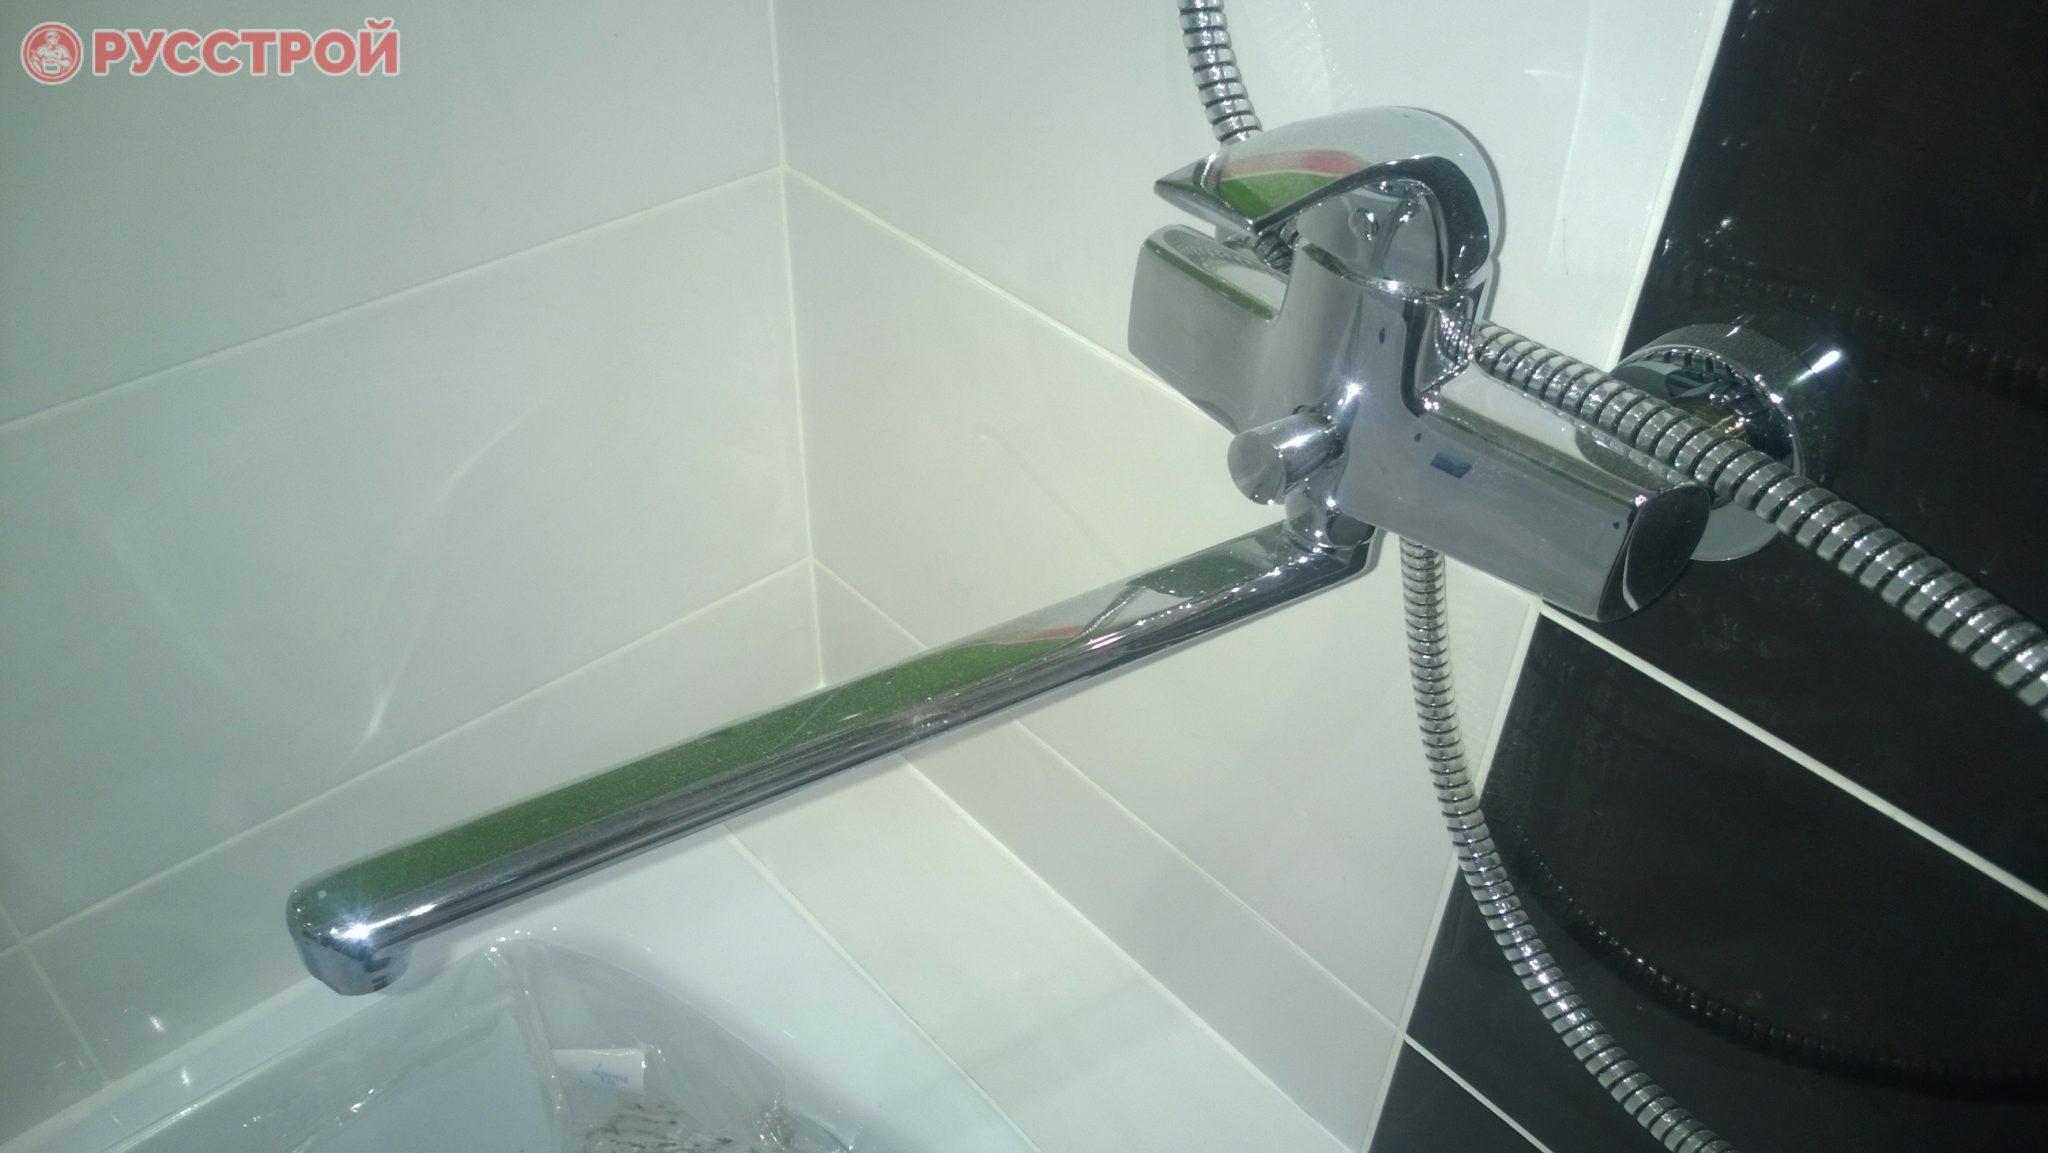 Установка новых смесителей в ванной. Русстрой г. Калуга